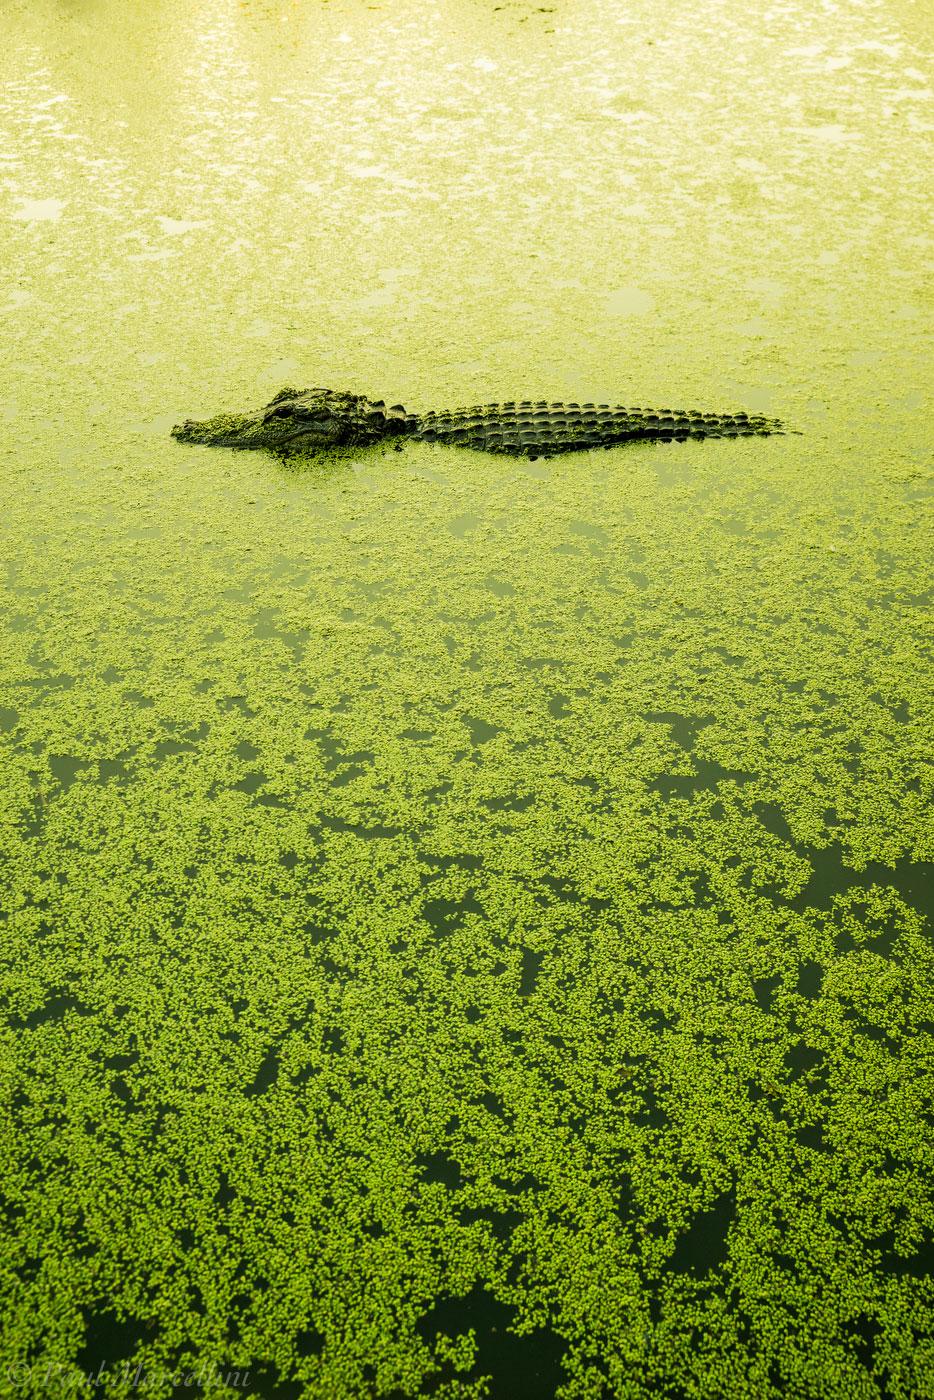 alligator, sunset, duckweed, Fakahatchee Strand Preserve State Park, Florida, lake, photo